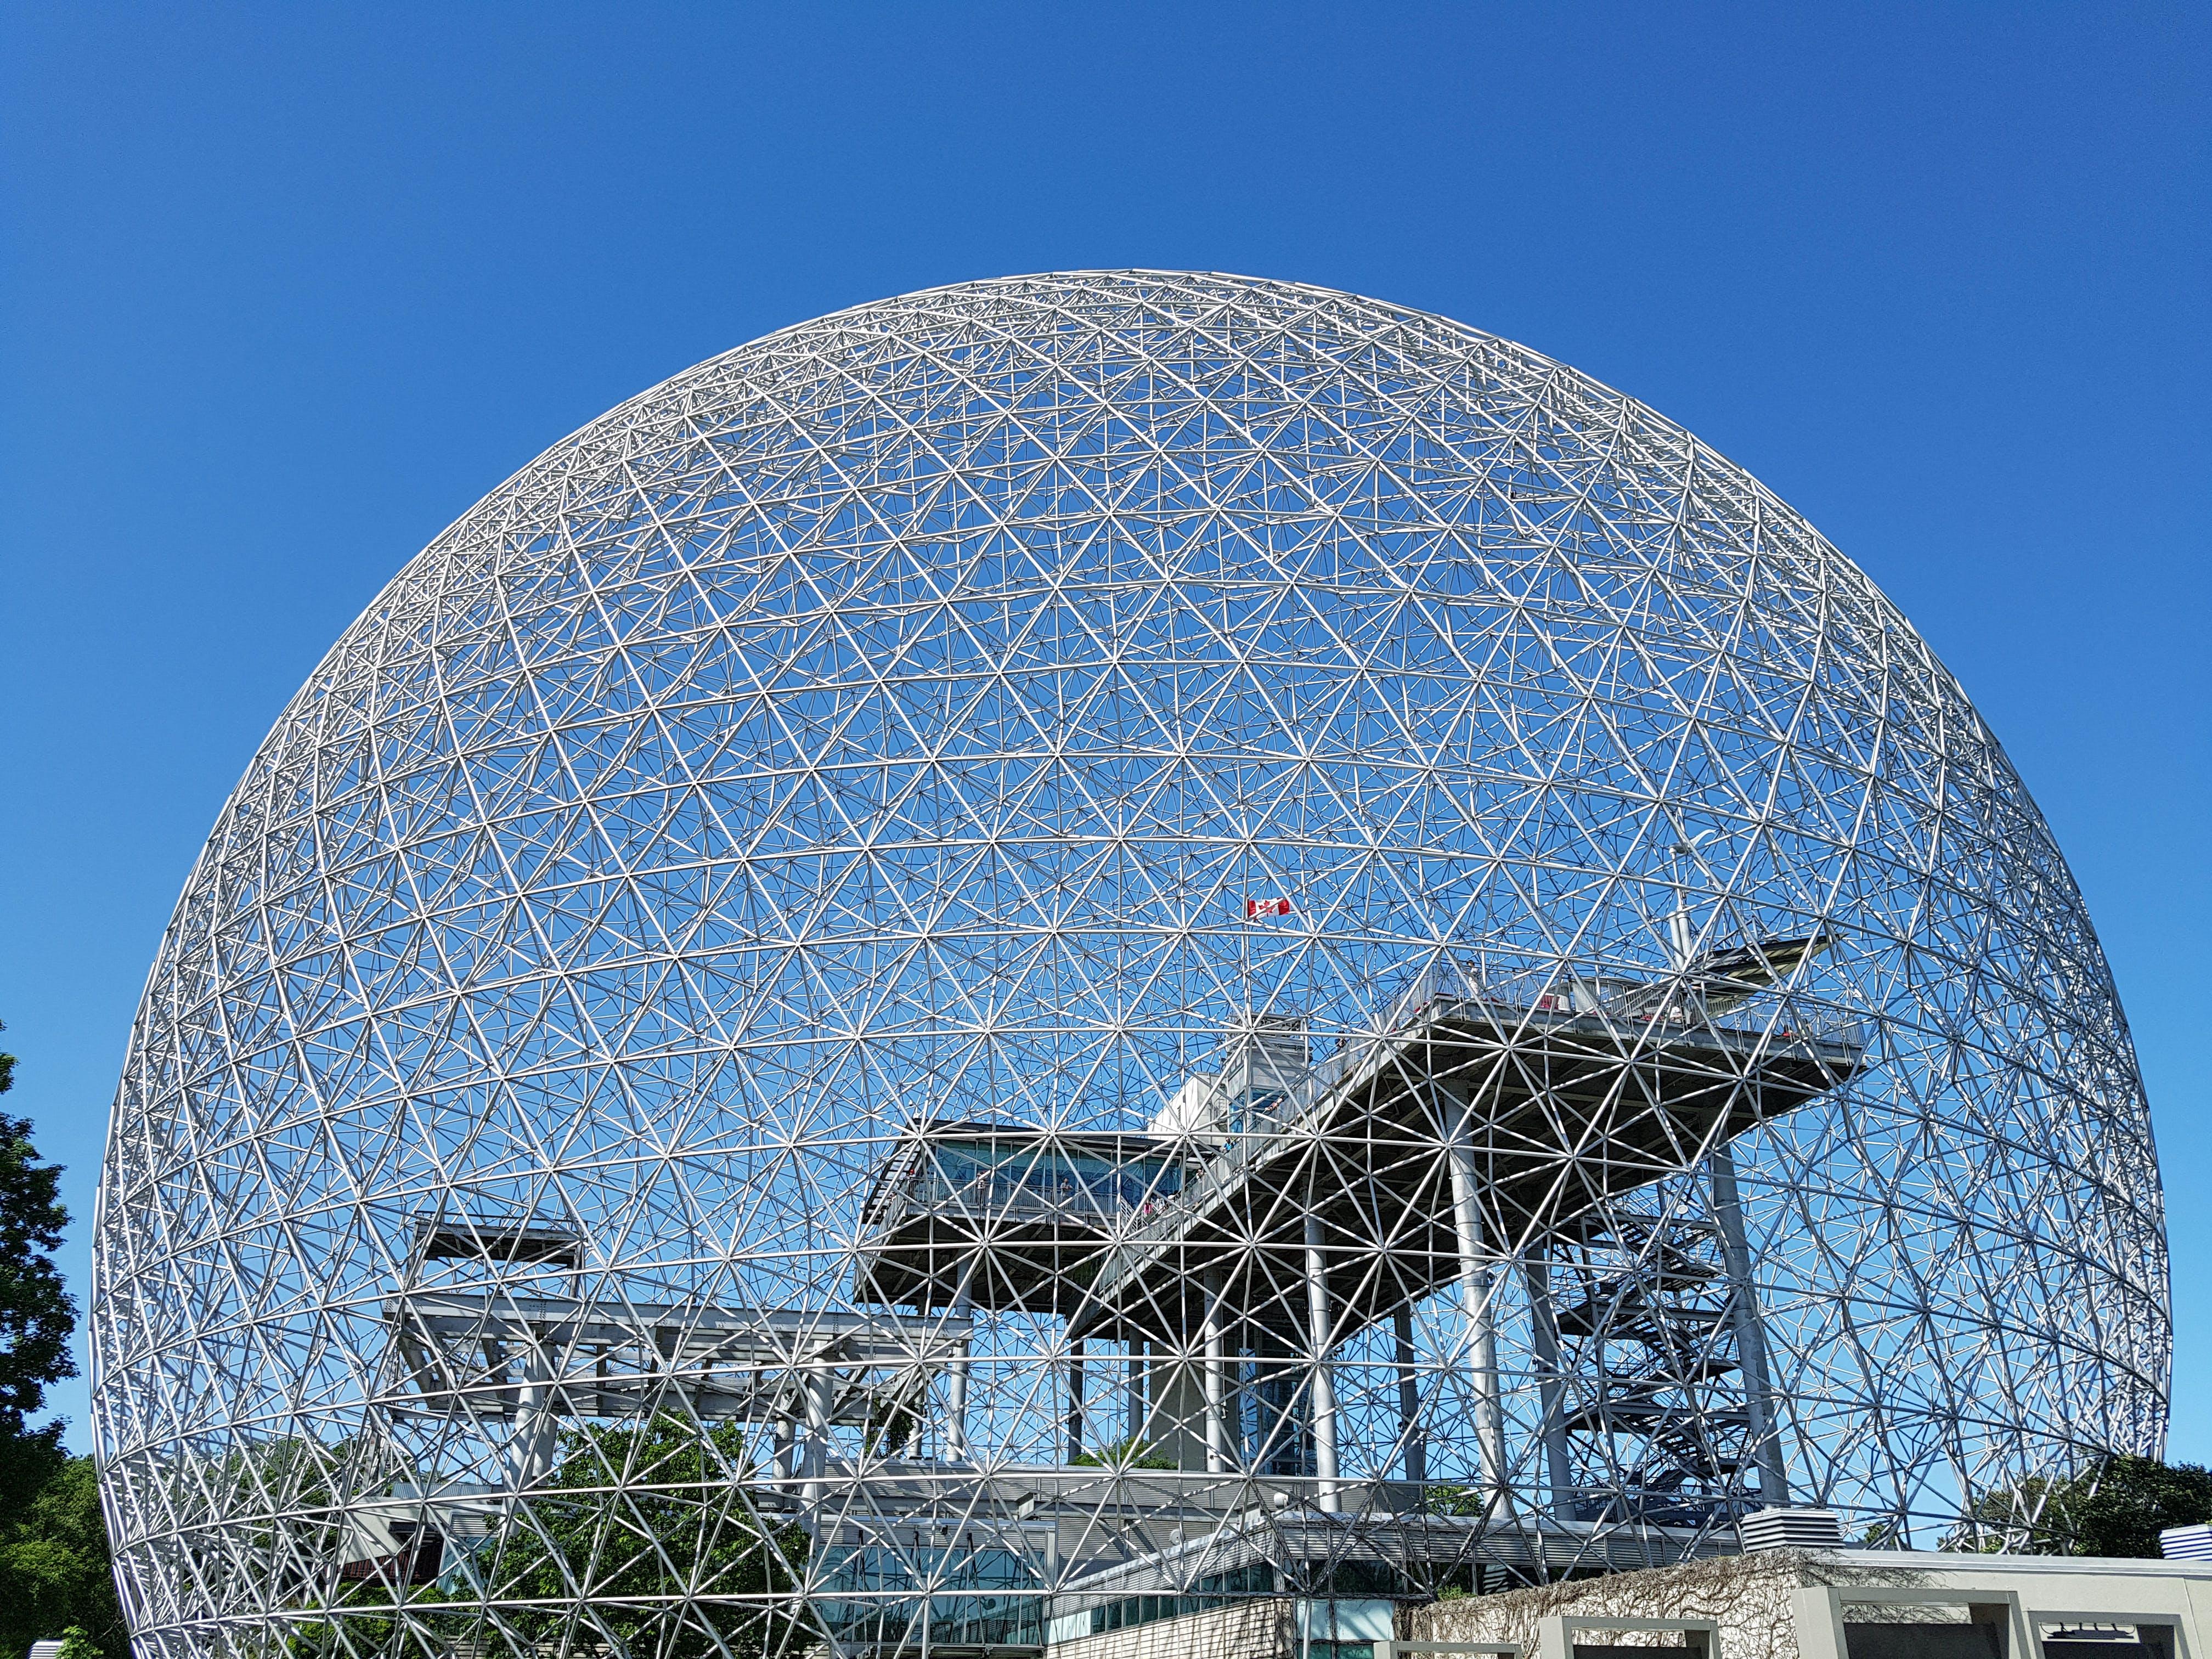 Gratis lagerfoto af arkitektur, bio dome, biologi, blå himmel